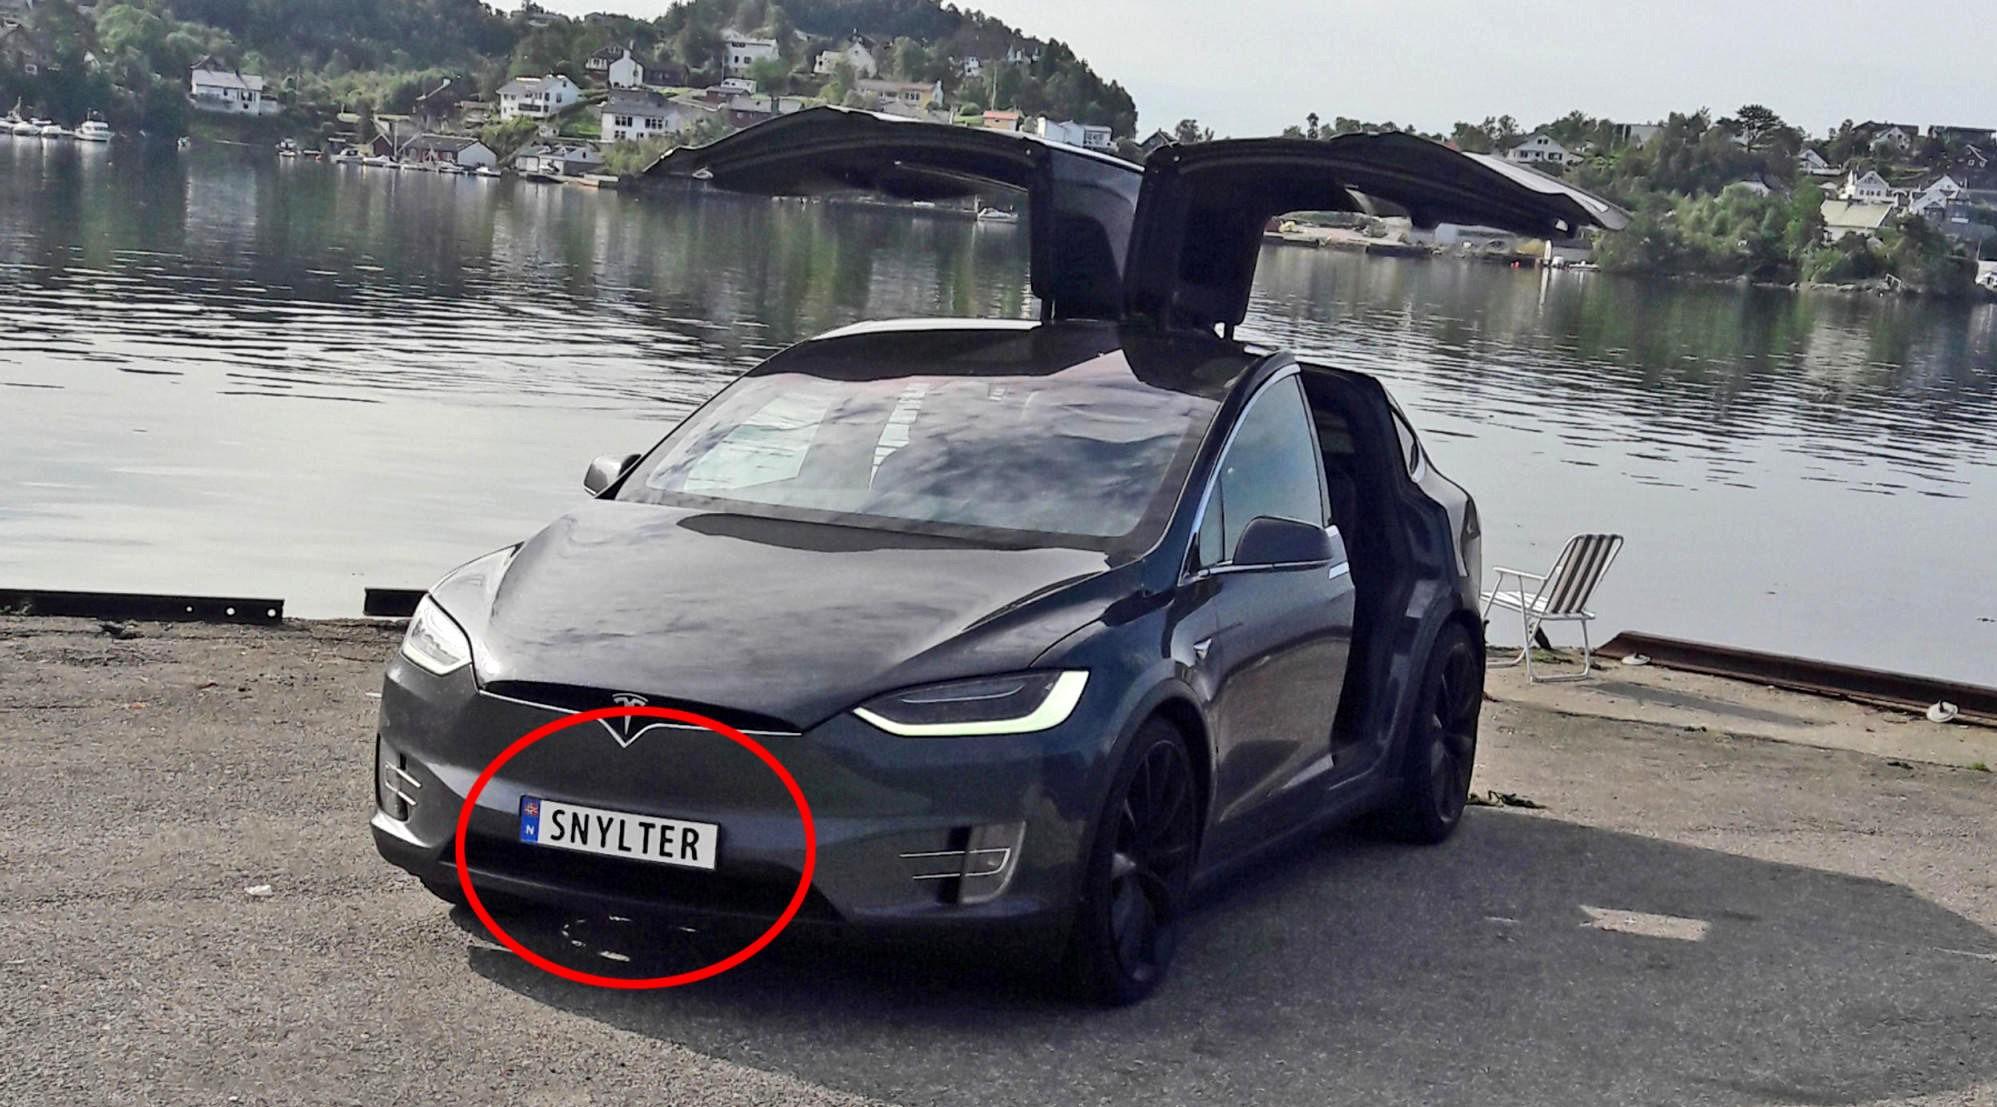 SELVIRONIEN PÅ TOPP: Eieren av denne Tesla Model X-en, Vegard Linge fra Bergen, synes SNYLTER er et morsomt skilt, på en bil som er fritatt for avgifter i Norge.